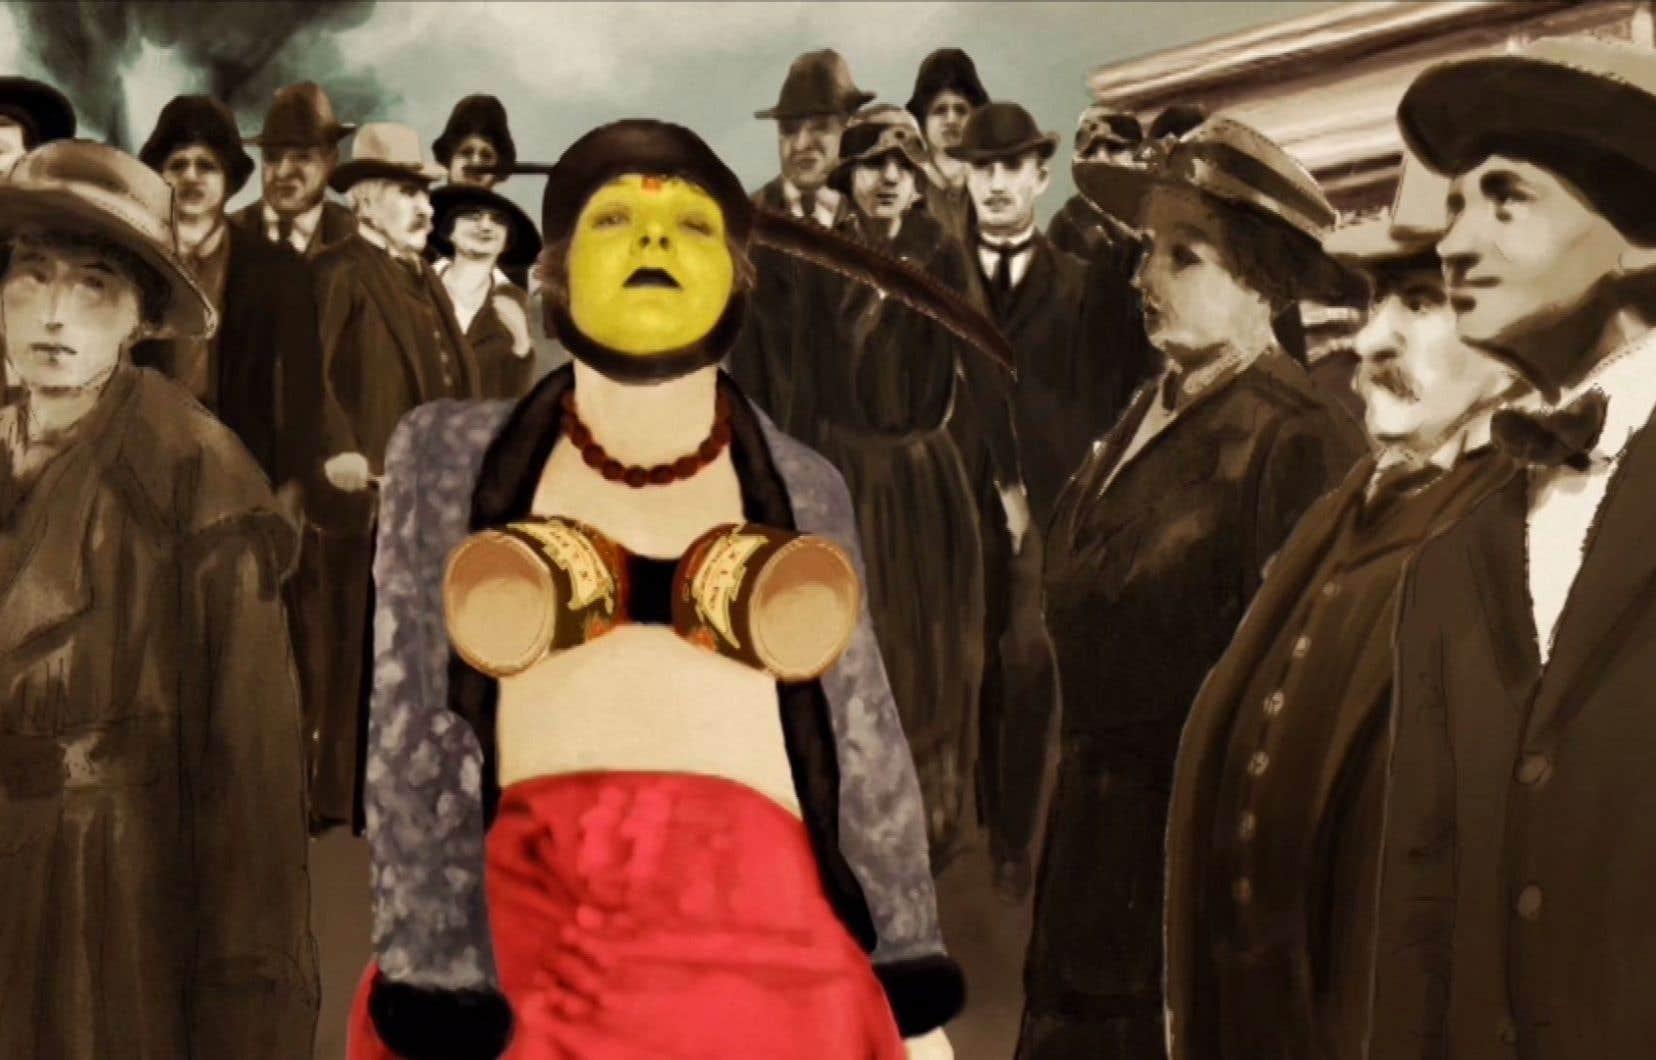 Parmi les films à ne pas manquer, le documentaire de Marina Rumjanzewa, «Le principe dada»